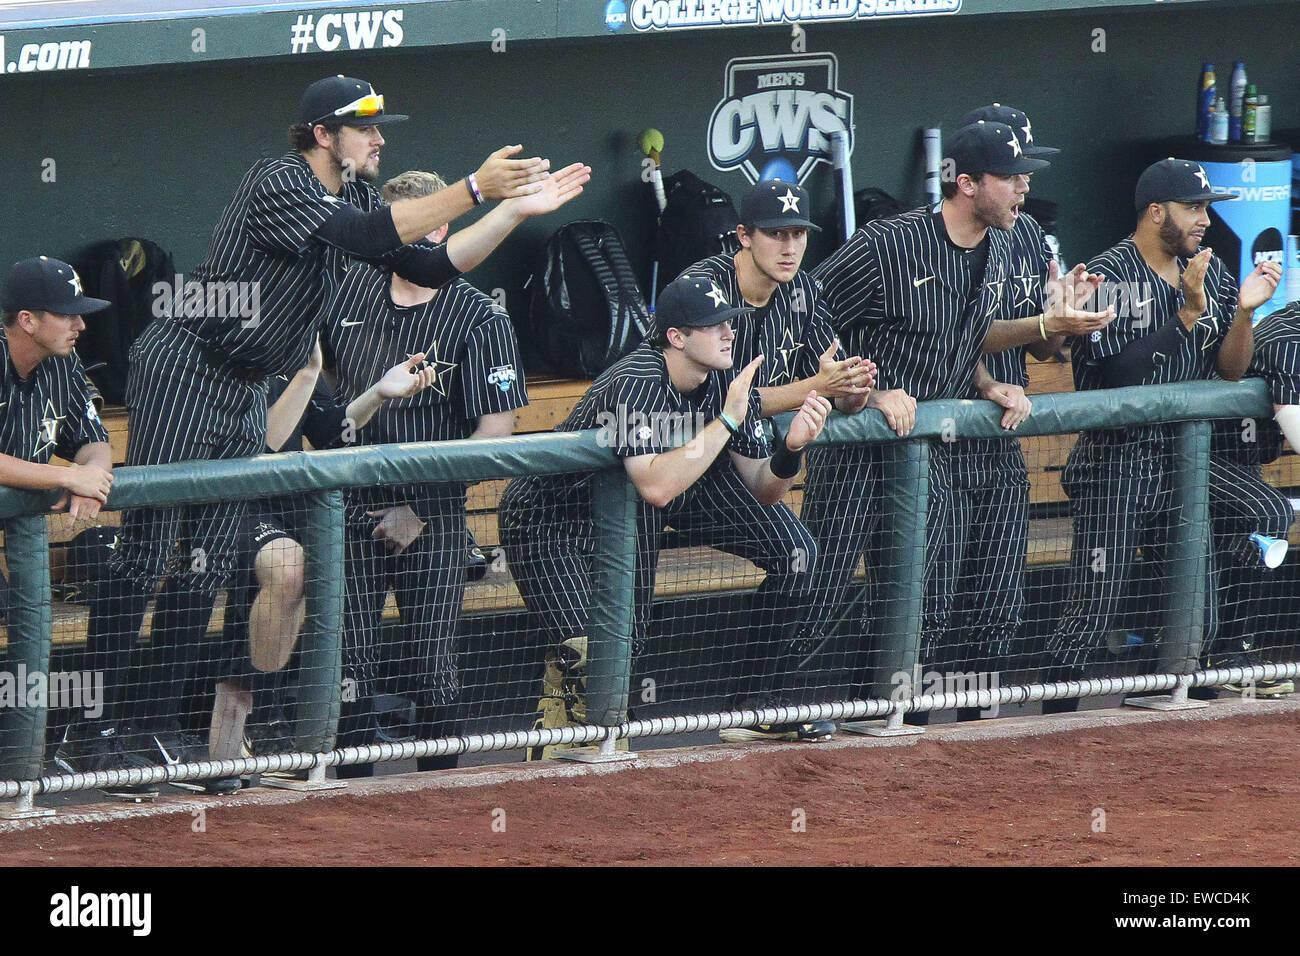 Omaha, Nebraska, USA. 22nd June, 2015. Vanderbilt teammates react to ...